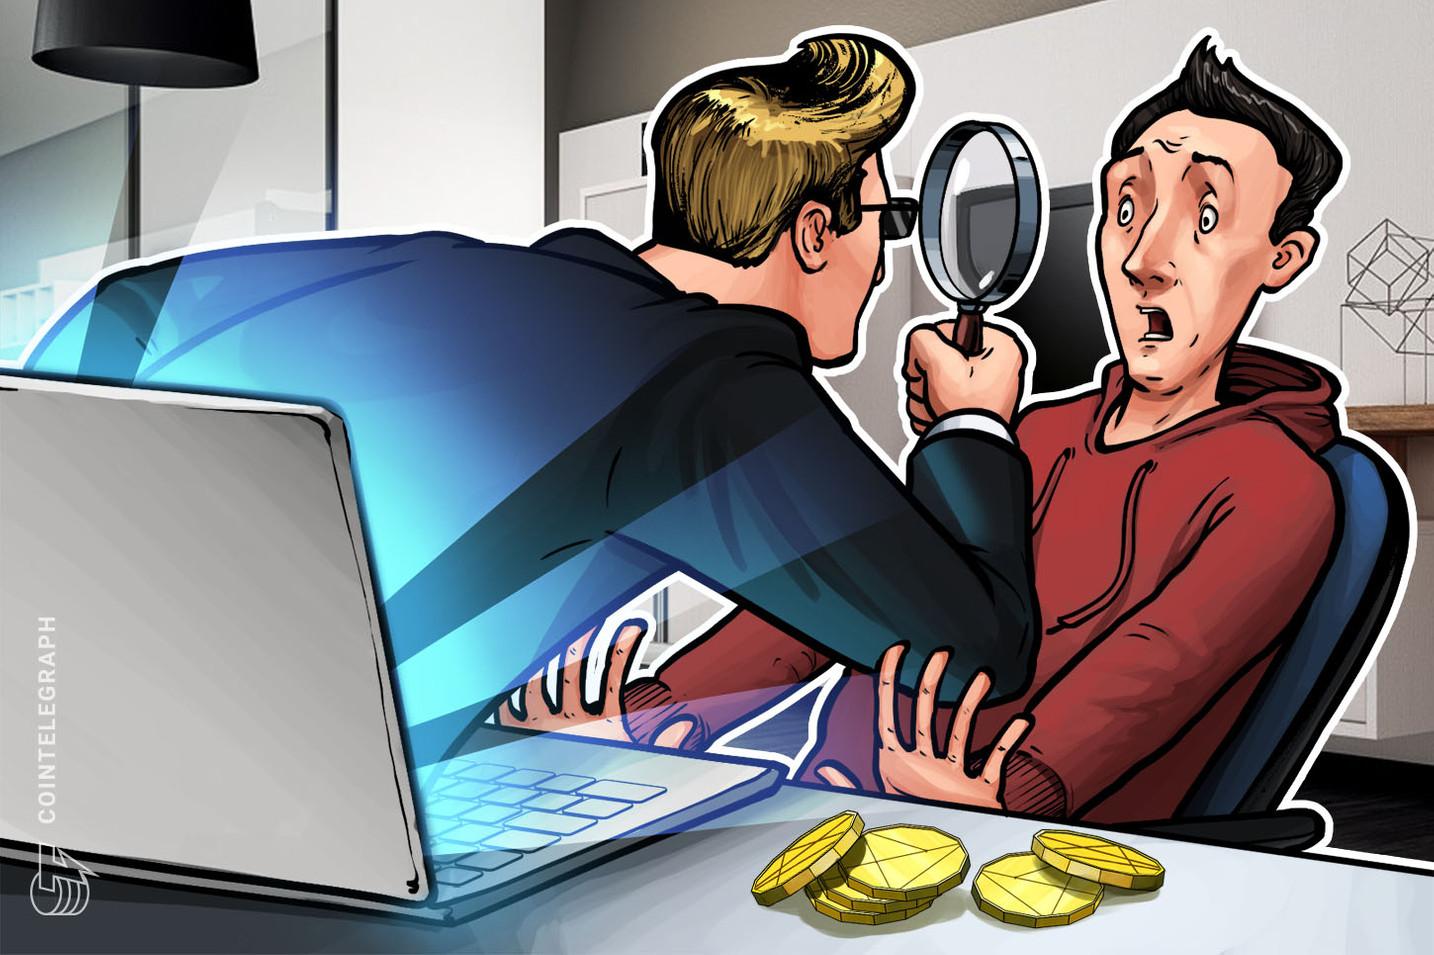 ليتوانيا تخطط لتنظيم قطاع بورصات العملات المشفرة مع عمليات إلزامية للتحقق من الهوية